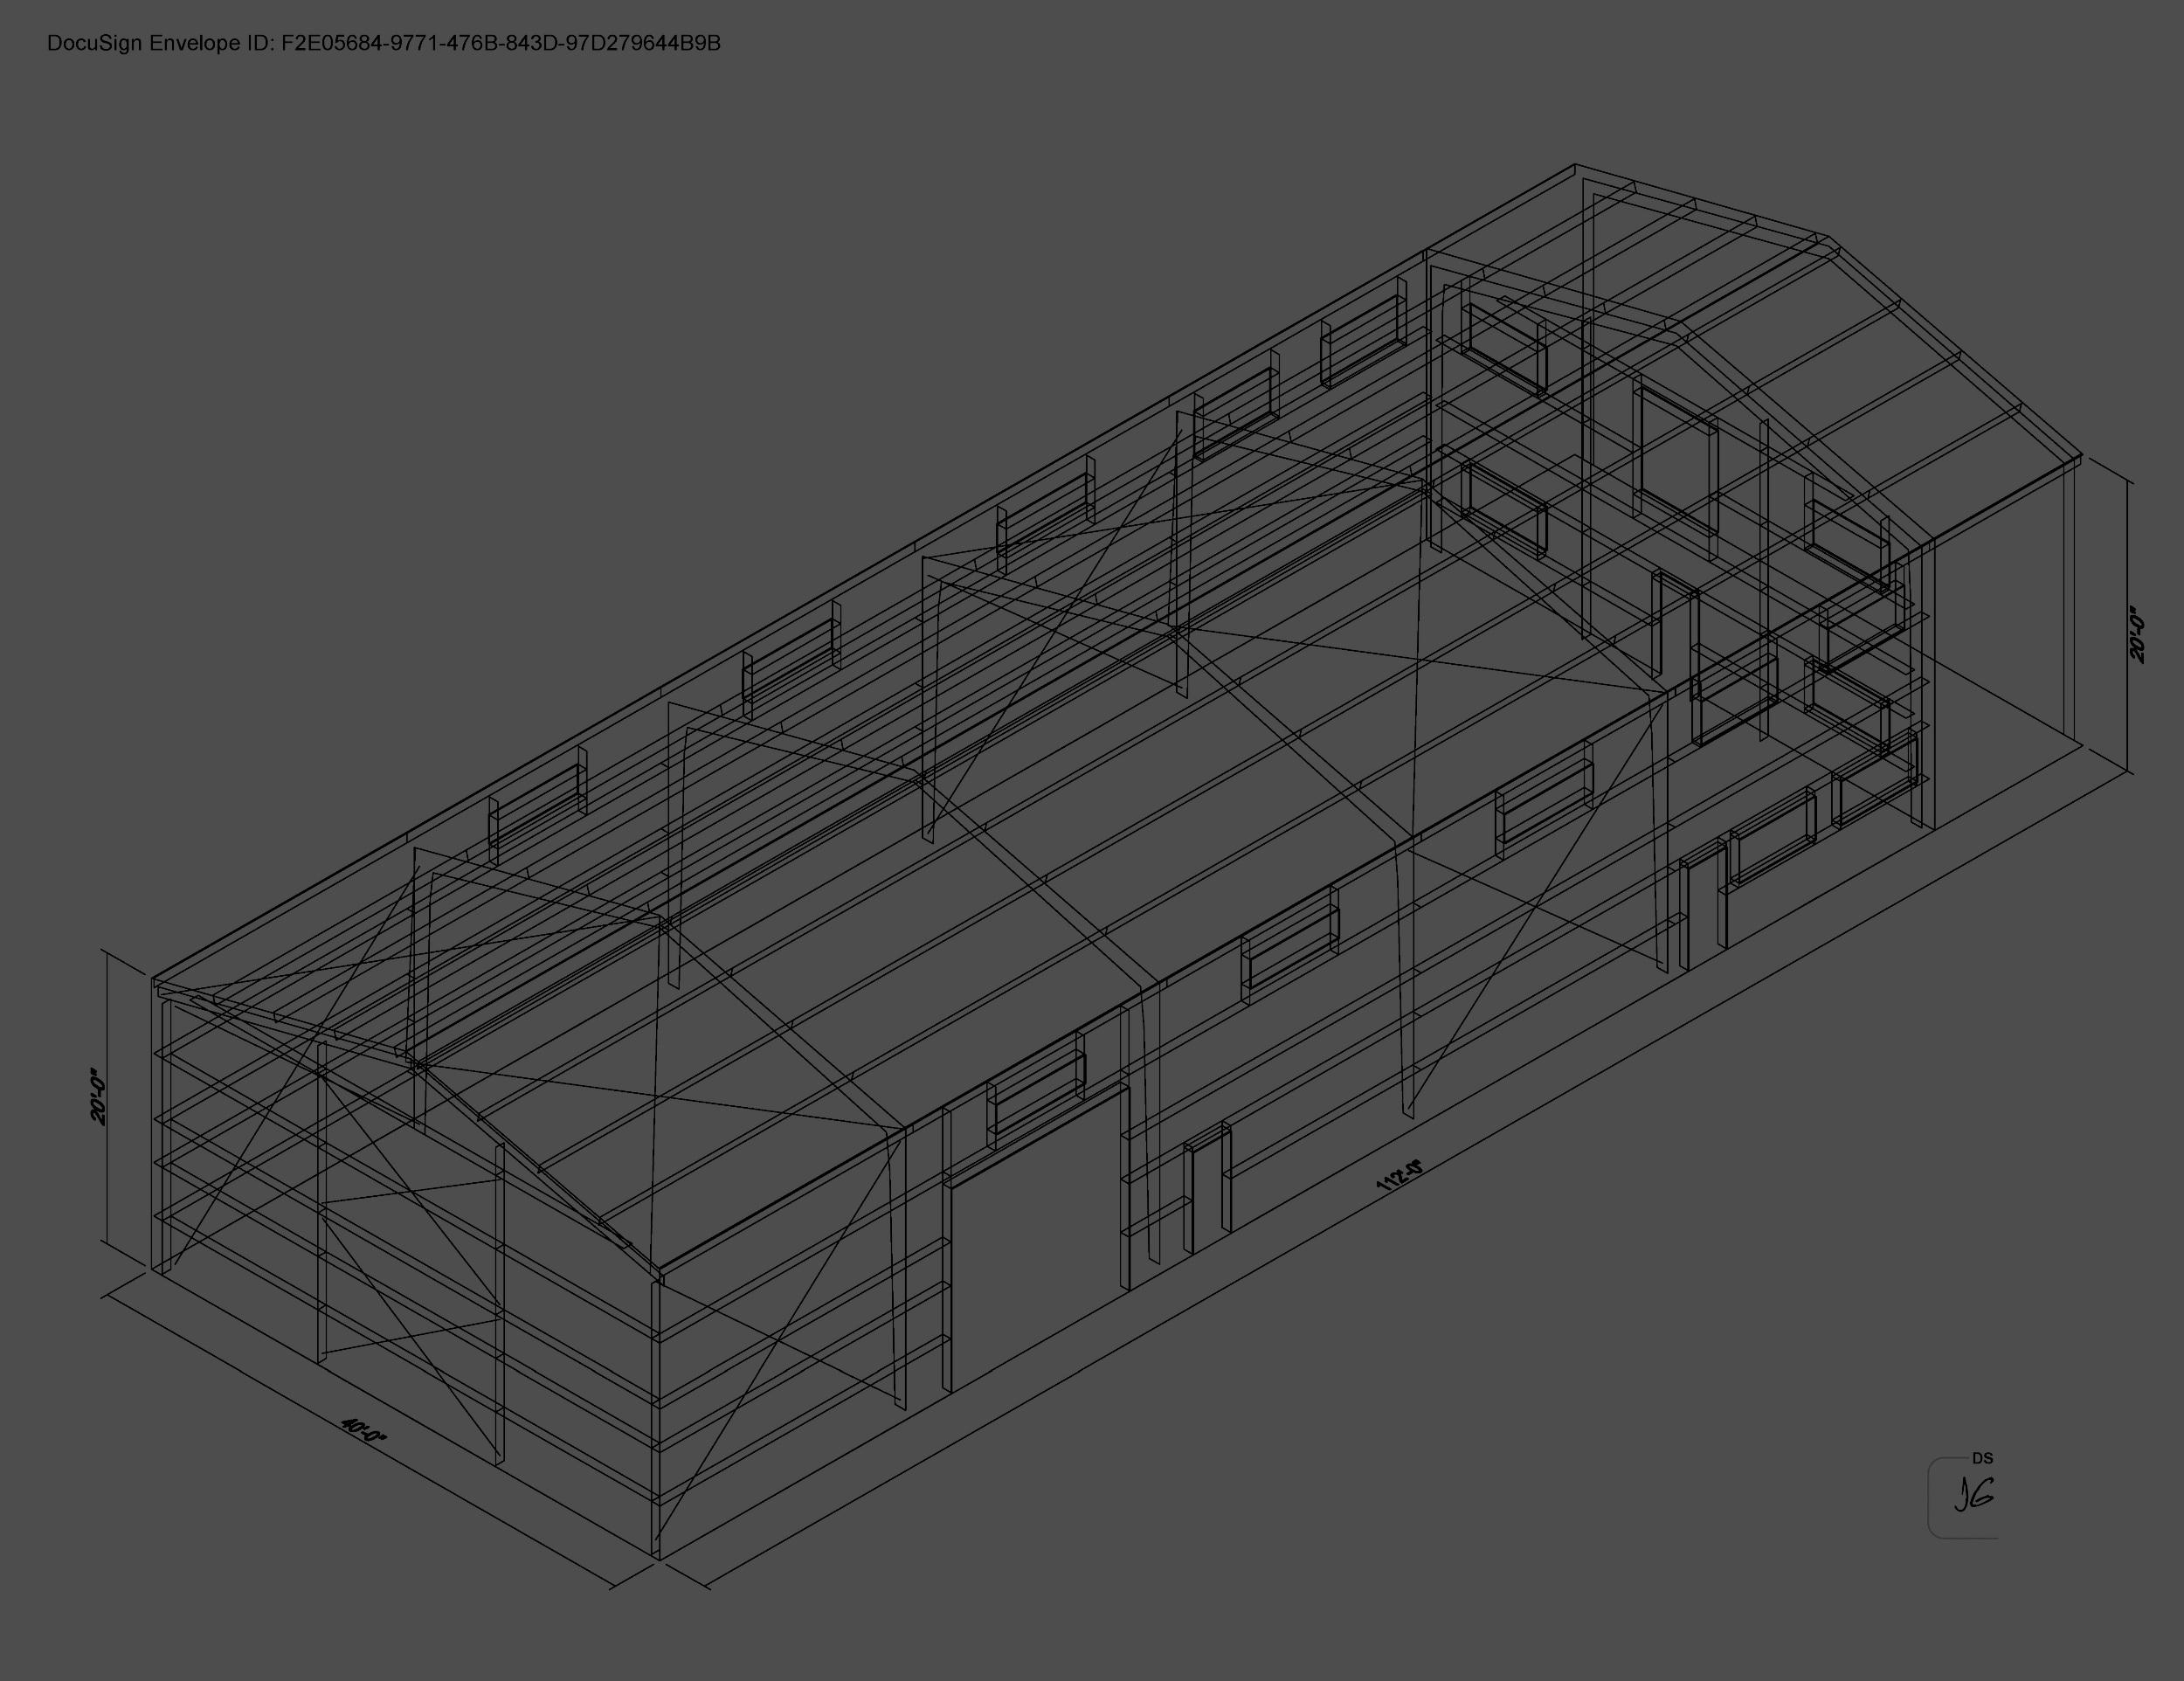 STAGE - phase : schematic design